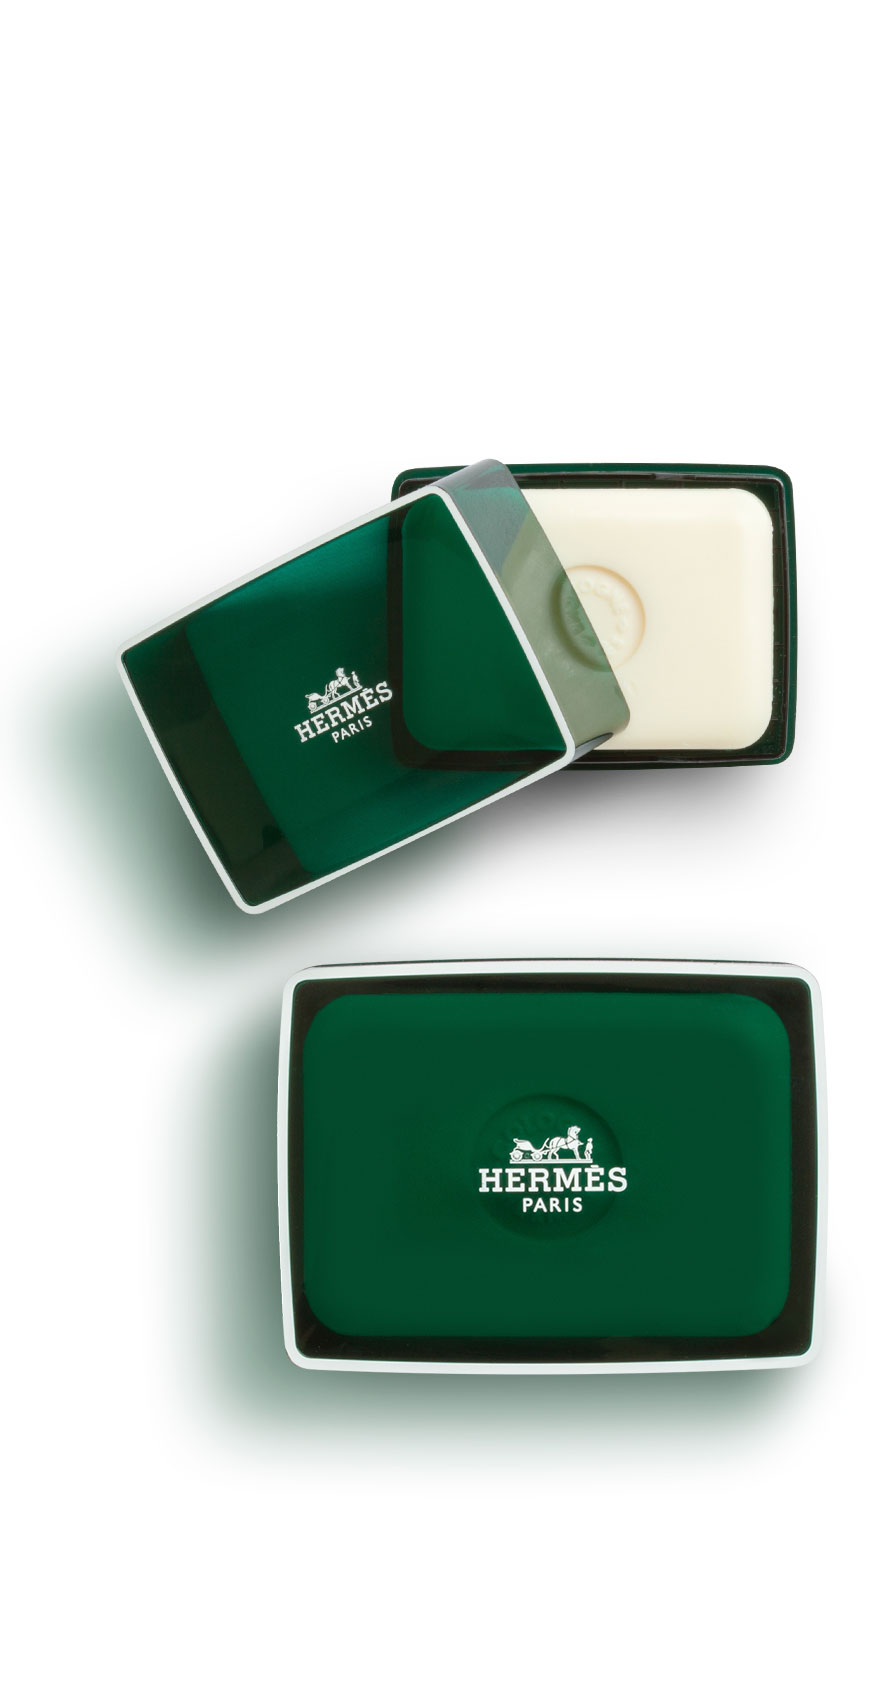 Hermès - Eau d'orange verte - Savon parfumé 150 gr et 100 gr